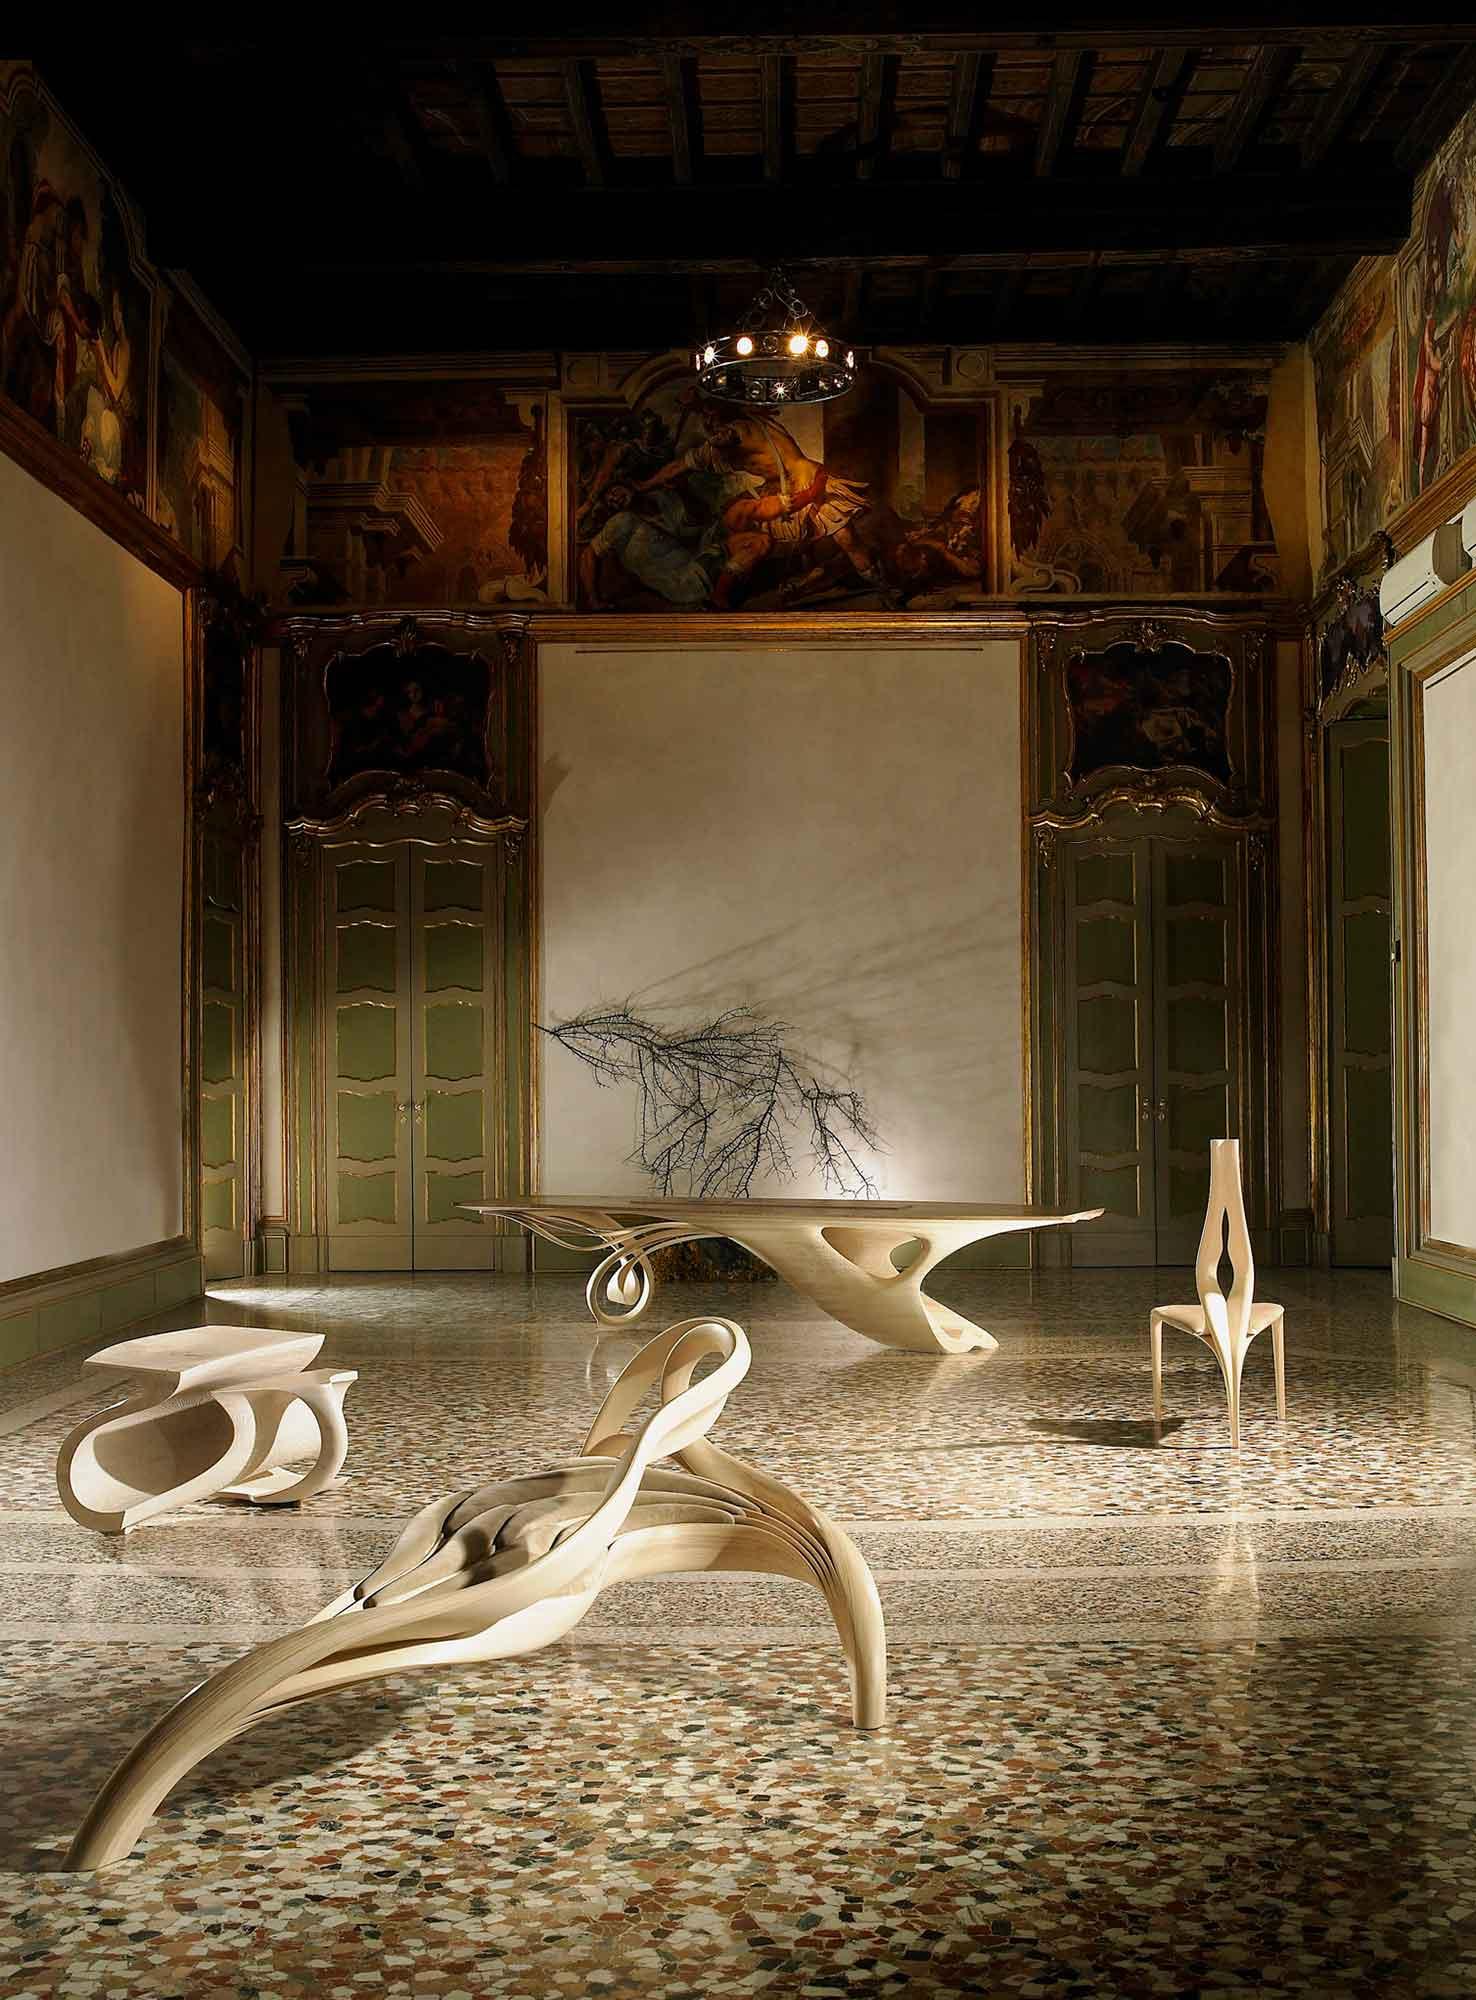 Salone Del Mobile Fair, Palazzo Durini(Milan, Italy)(2012)